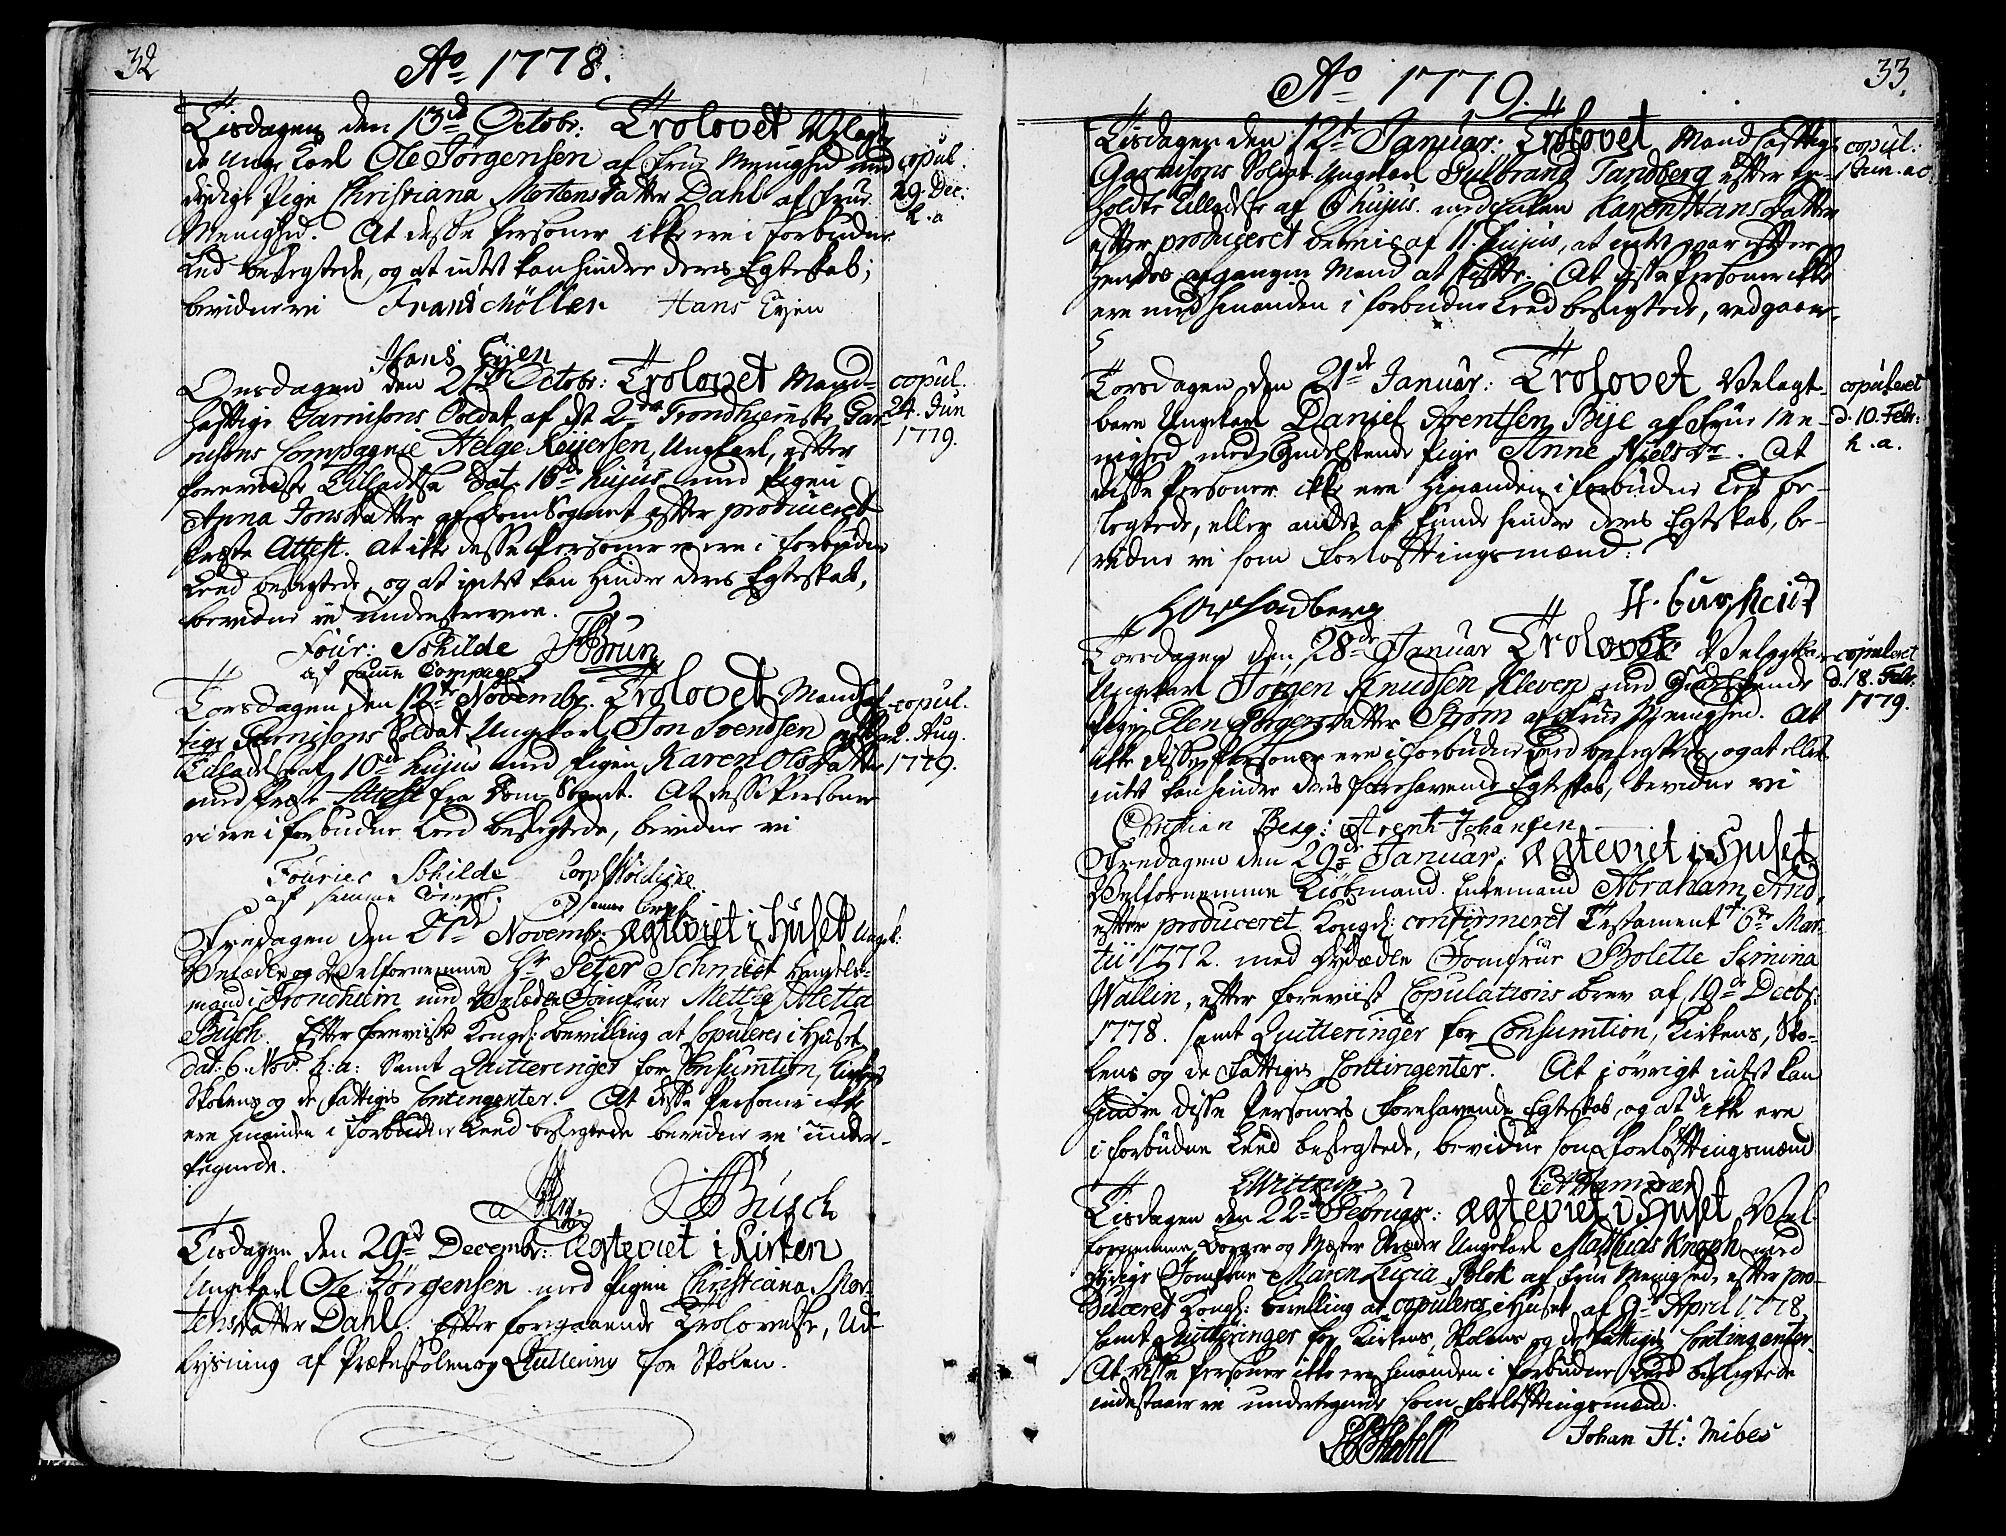 SAT, Ministerialprotokoller, klokkerbøker og fødselsregistre - Sør-Trøndelag, 602/L0105: Ministerialbok nr. 602A03, 1774-1814, s. 32-33